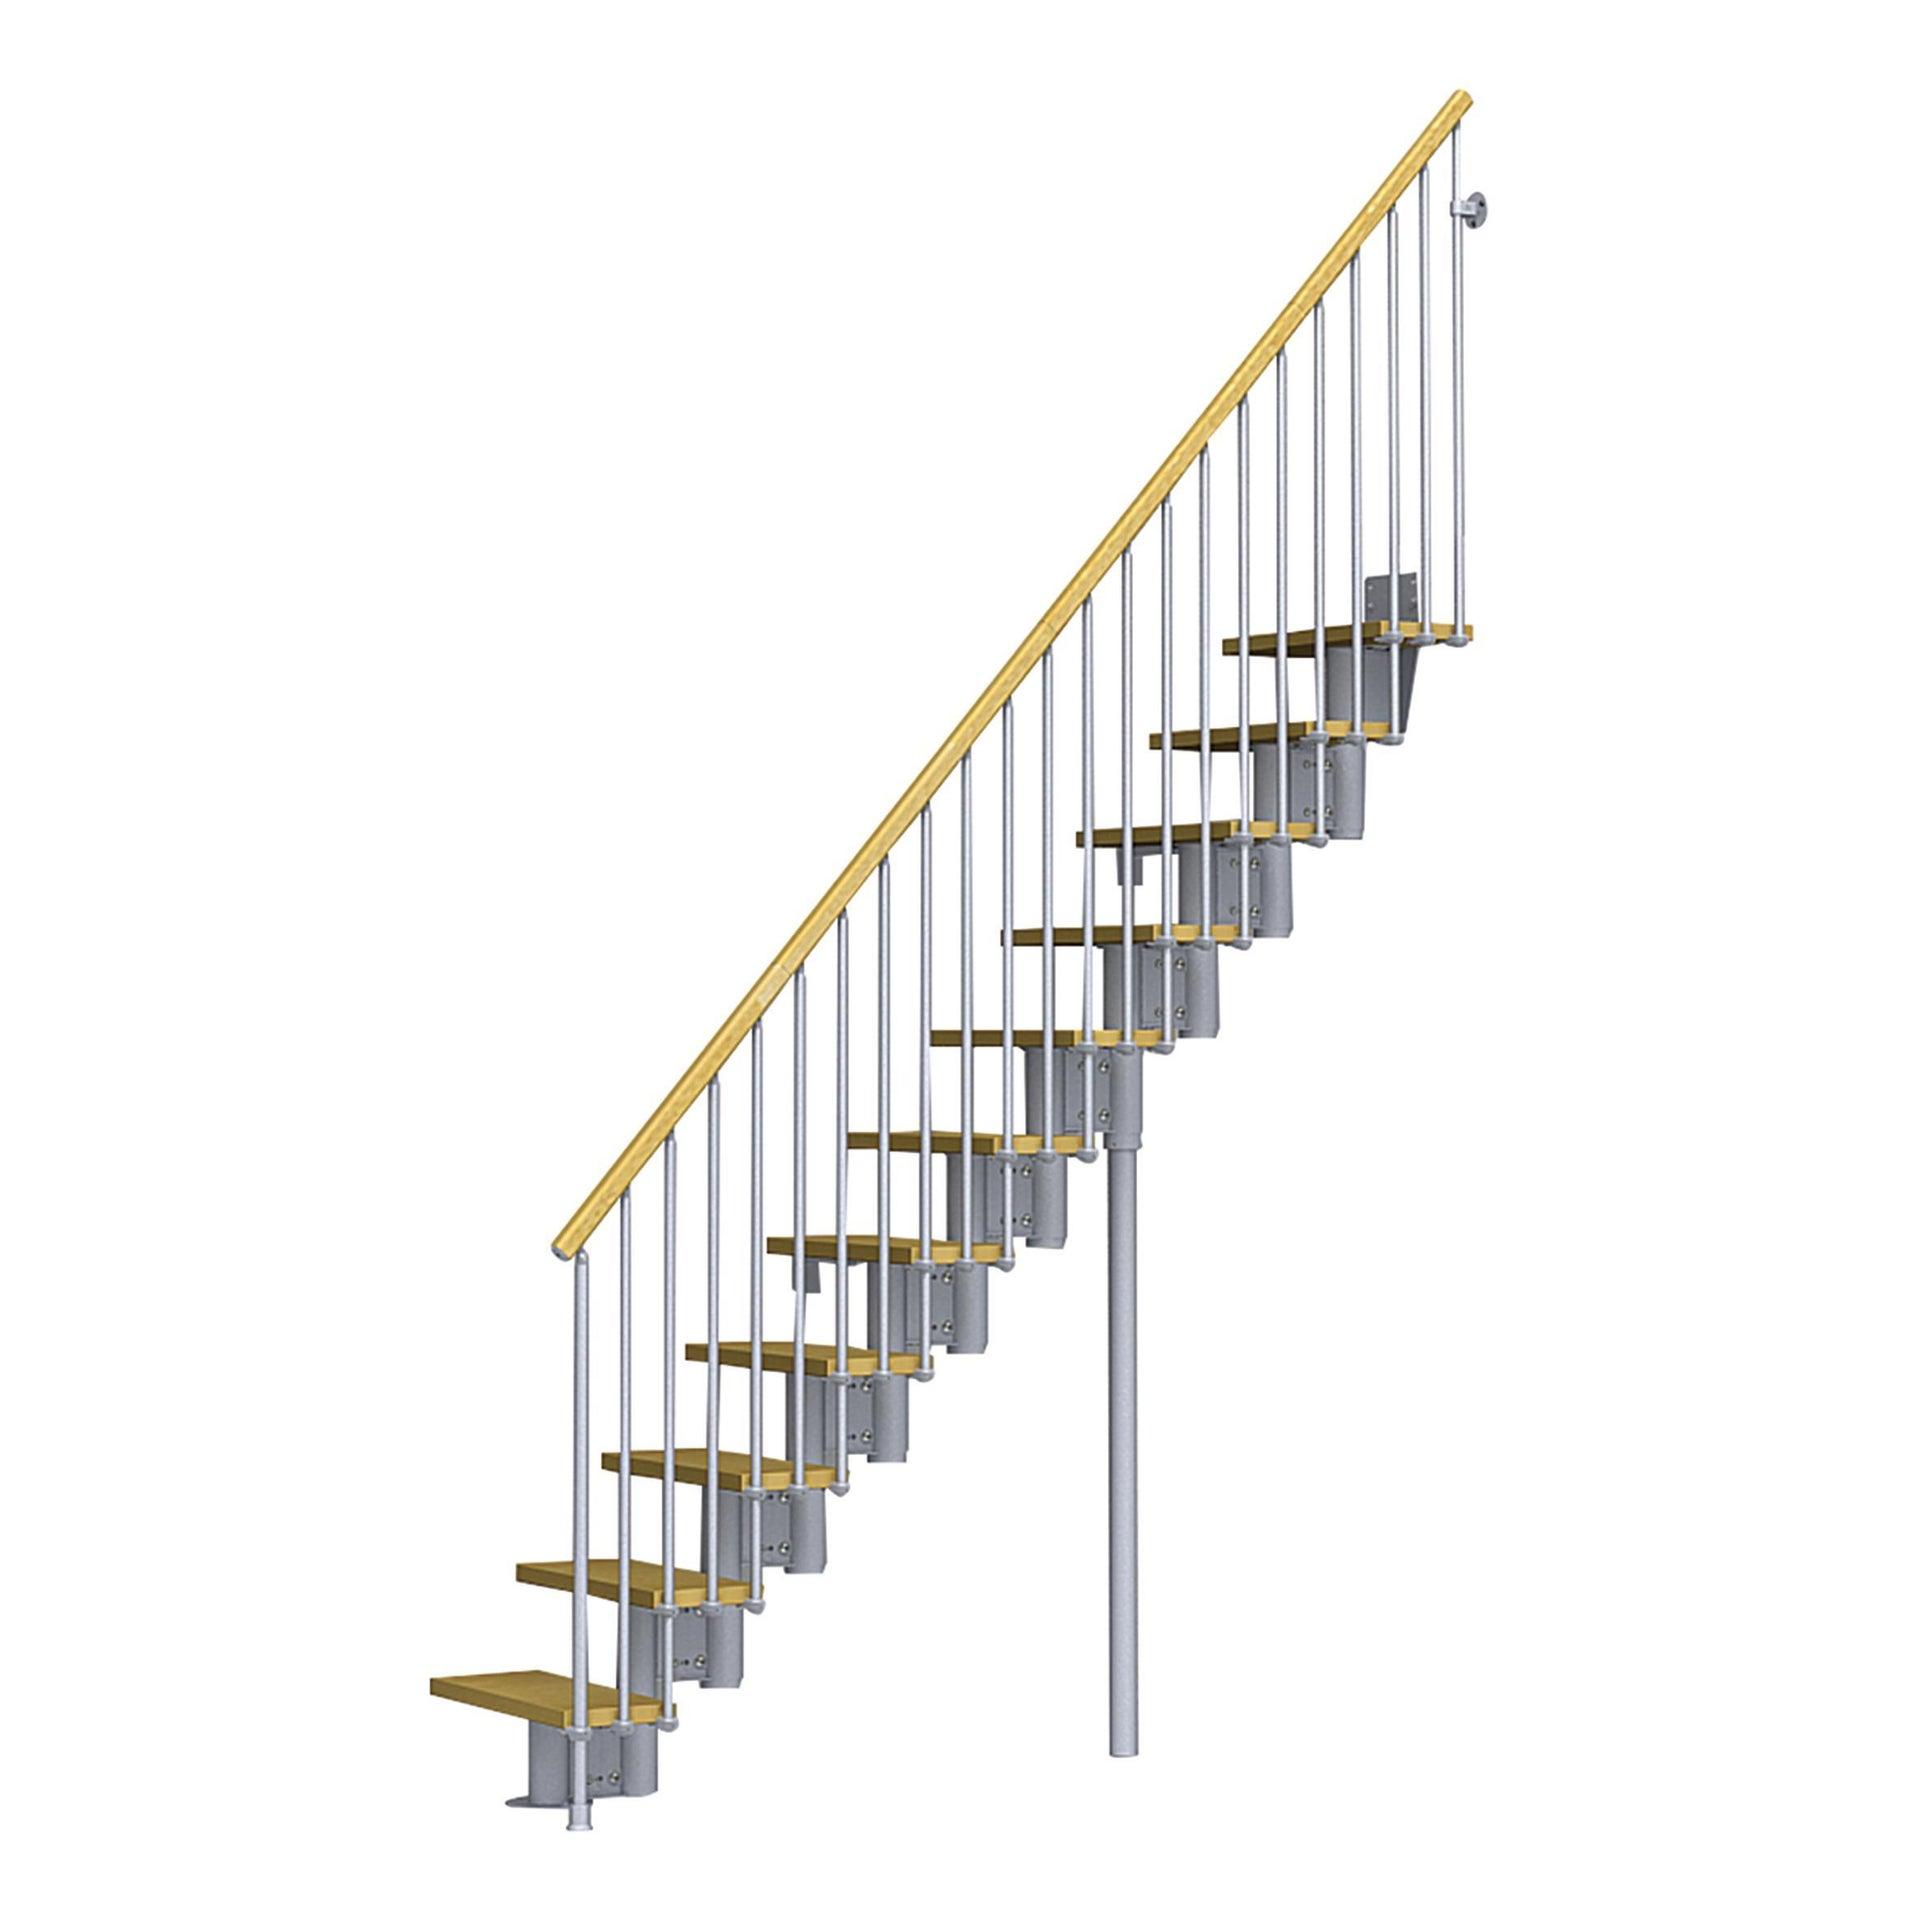 Scala a rampa dritto Mercalli FONTANOT L 64 cm, gradino chiaro, struttura grigio - 1